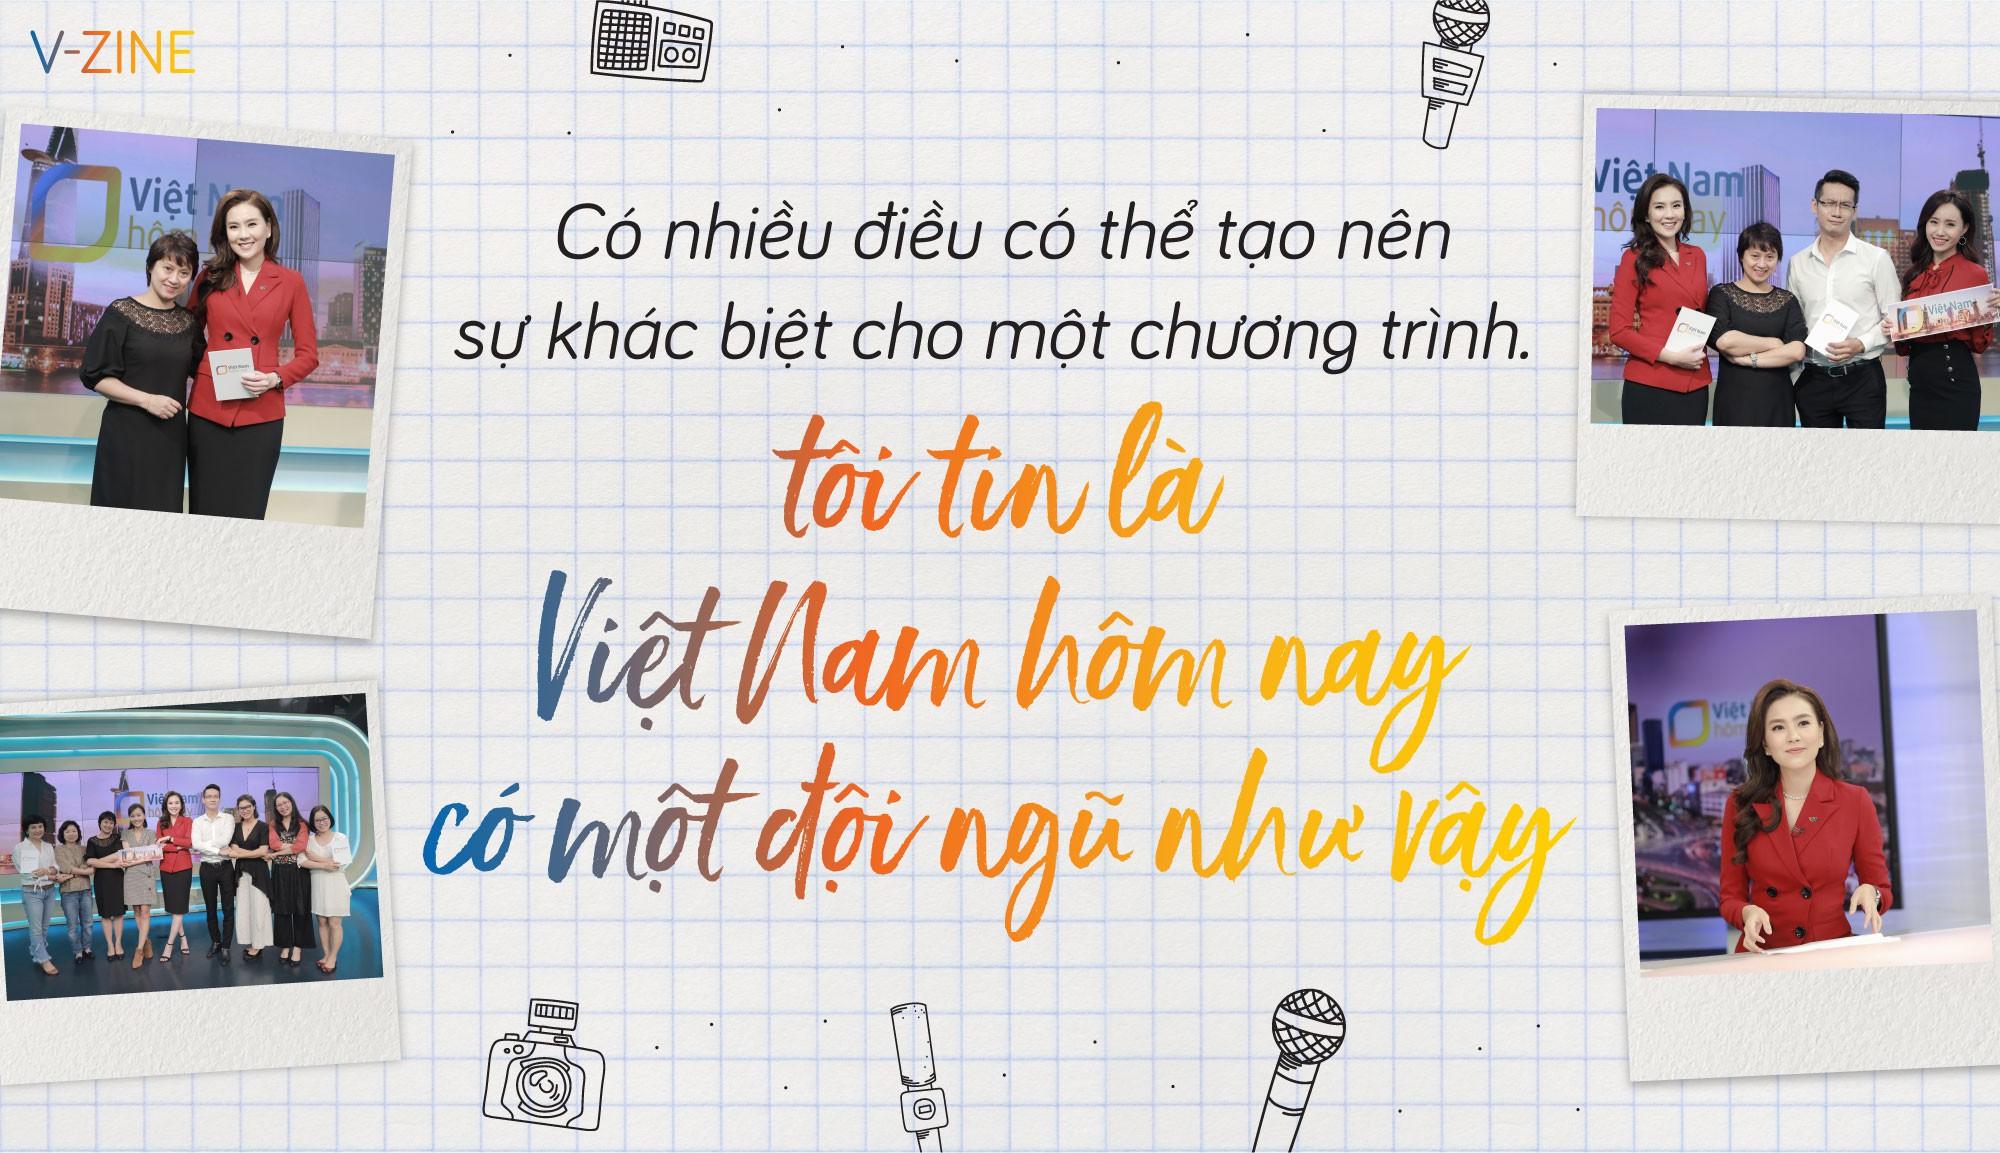 Việt Nam hôm nay - Hội tụ dòng chảy tin tức - Ảnh 6.